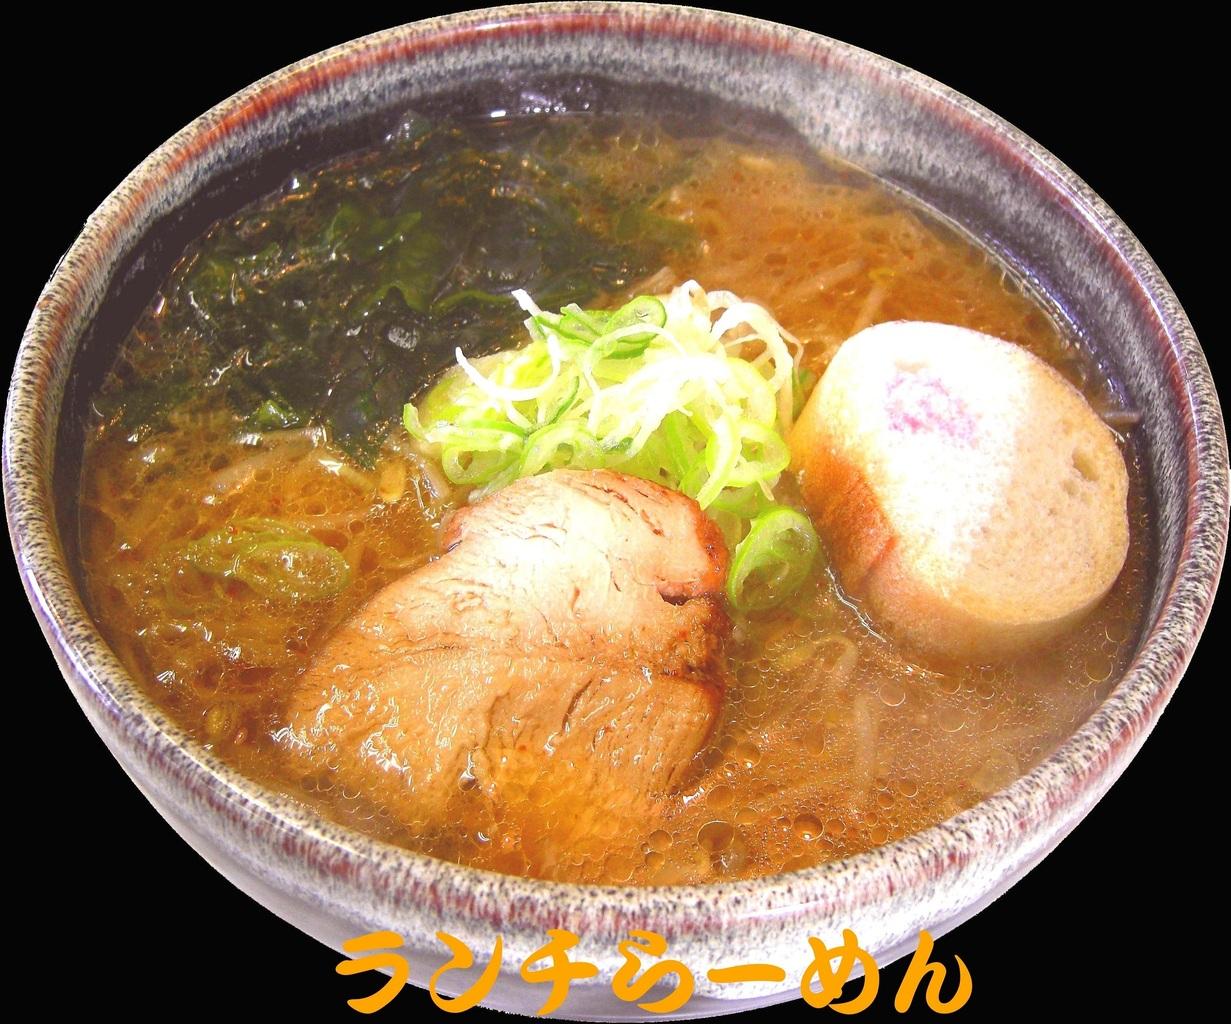 びもーる見たよ!で人気のゴマピリ辛ラーメンが250円割引!! 札幌